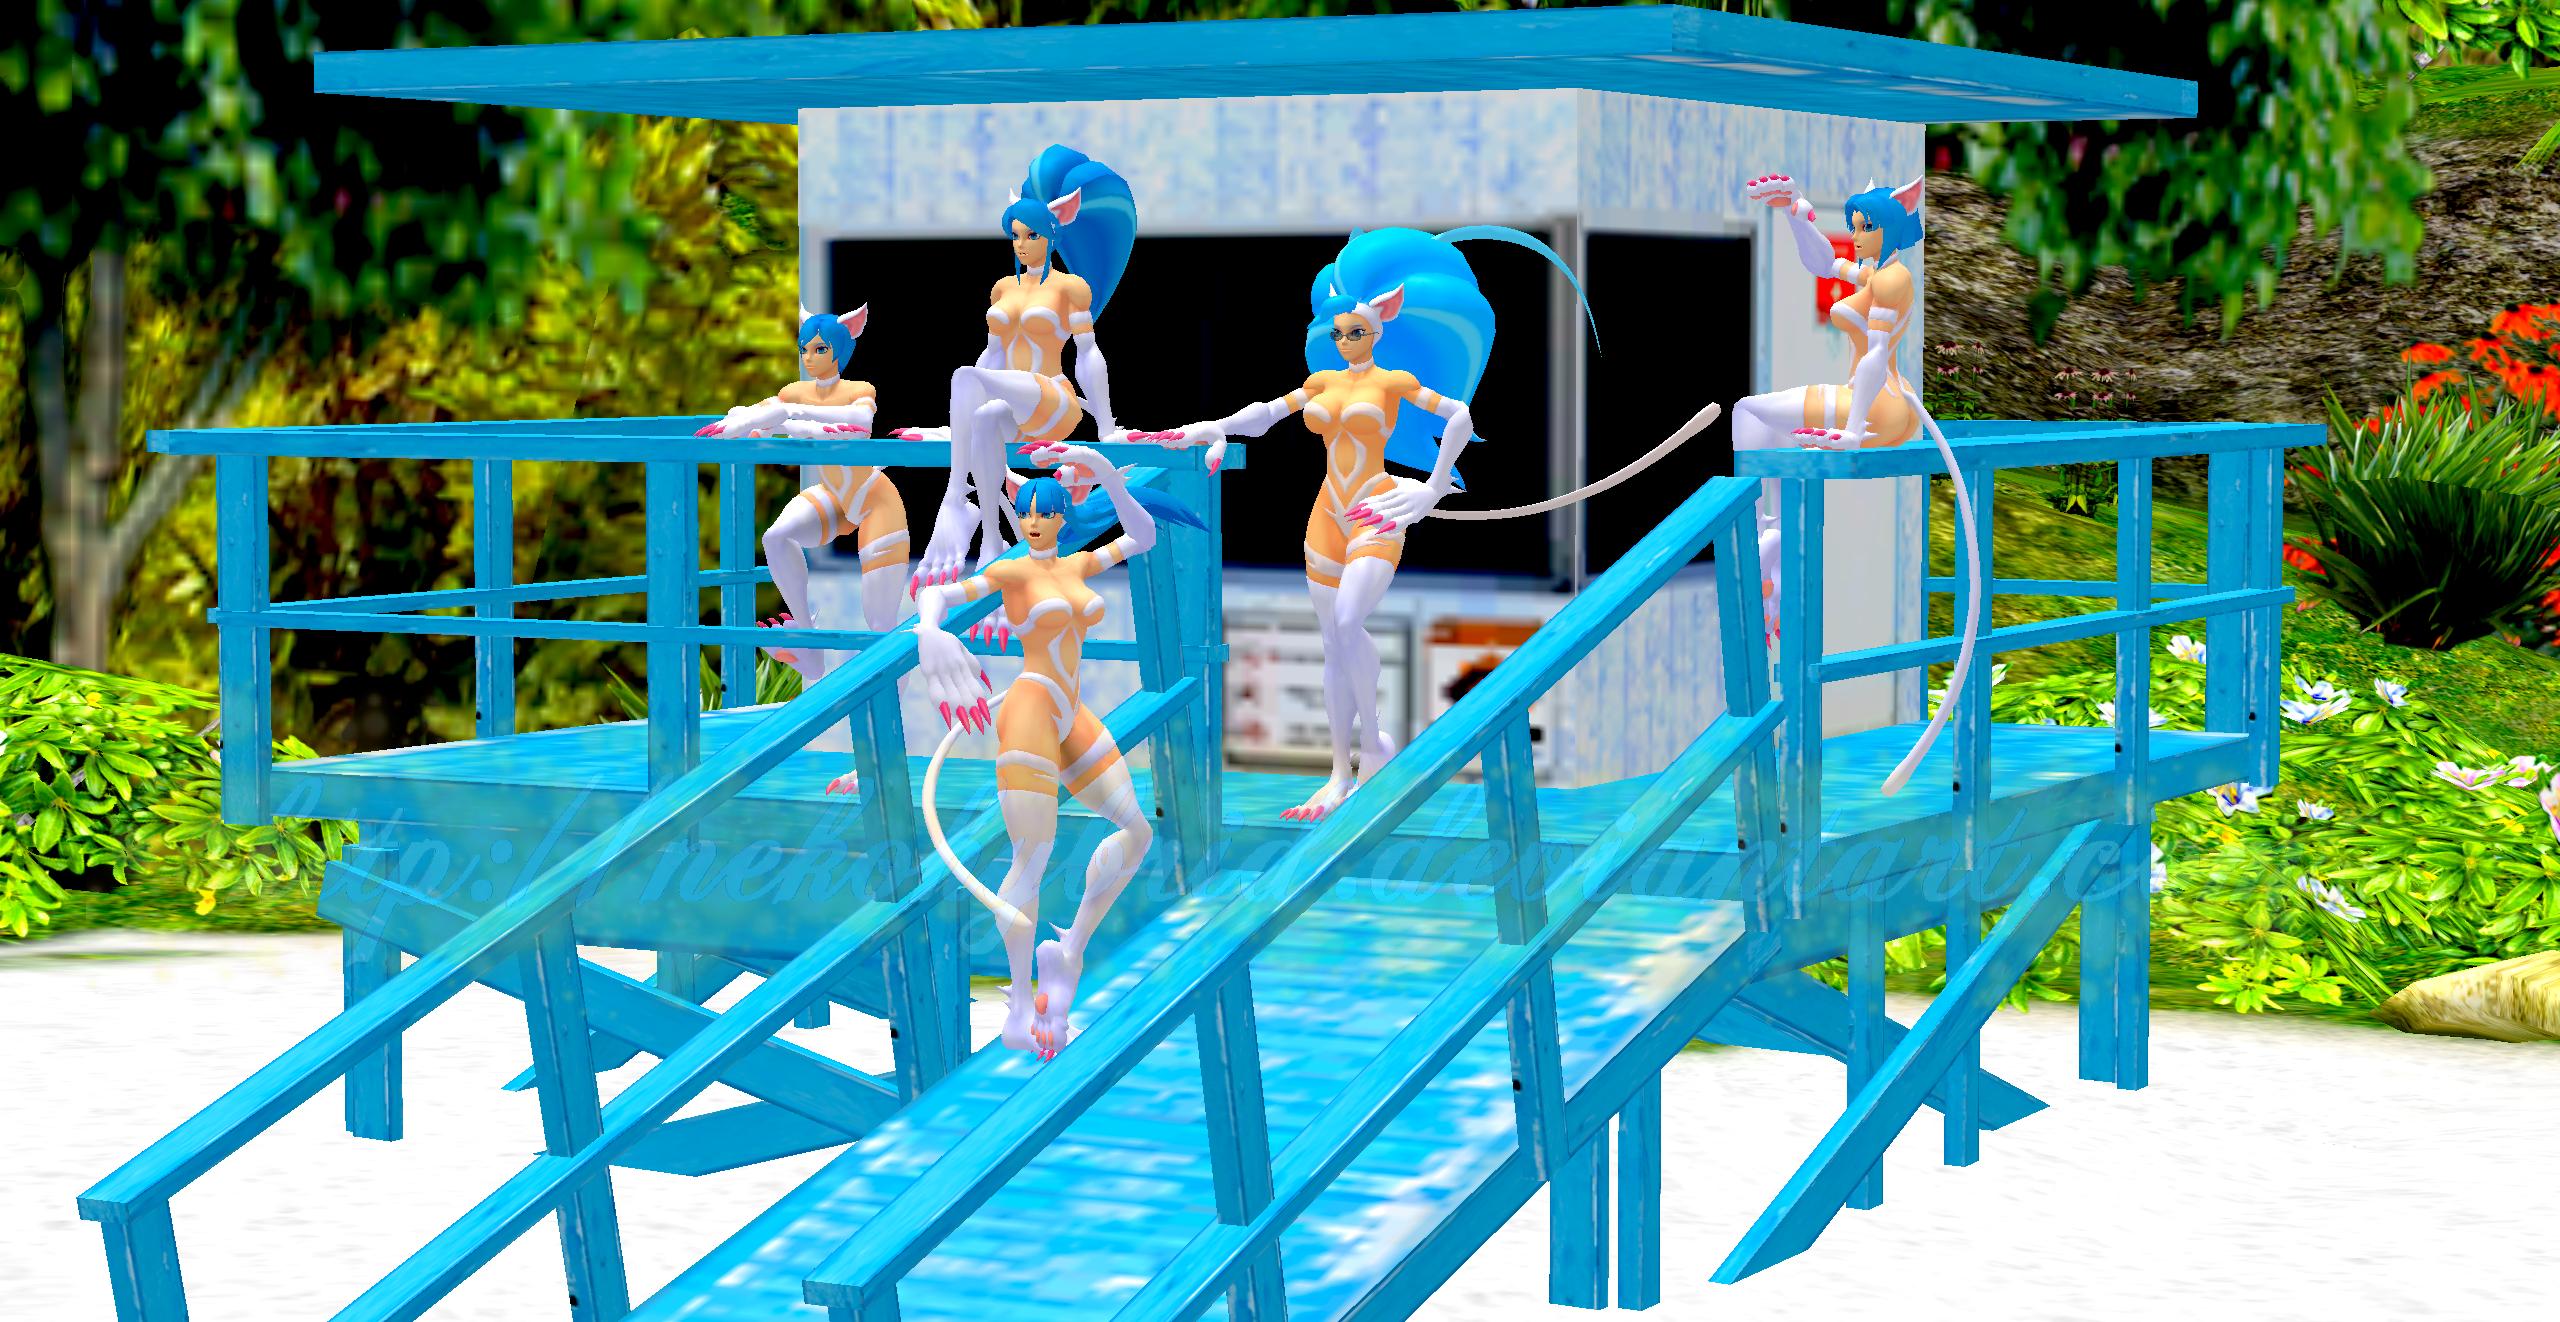 Felicia and Friends Do Baywatch by NekoHybrid